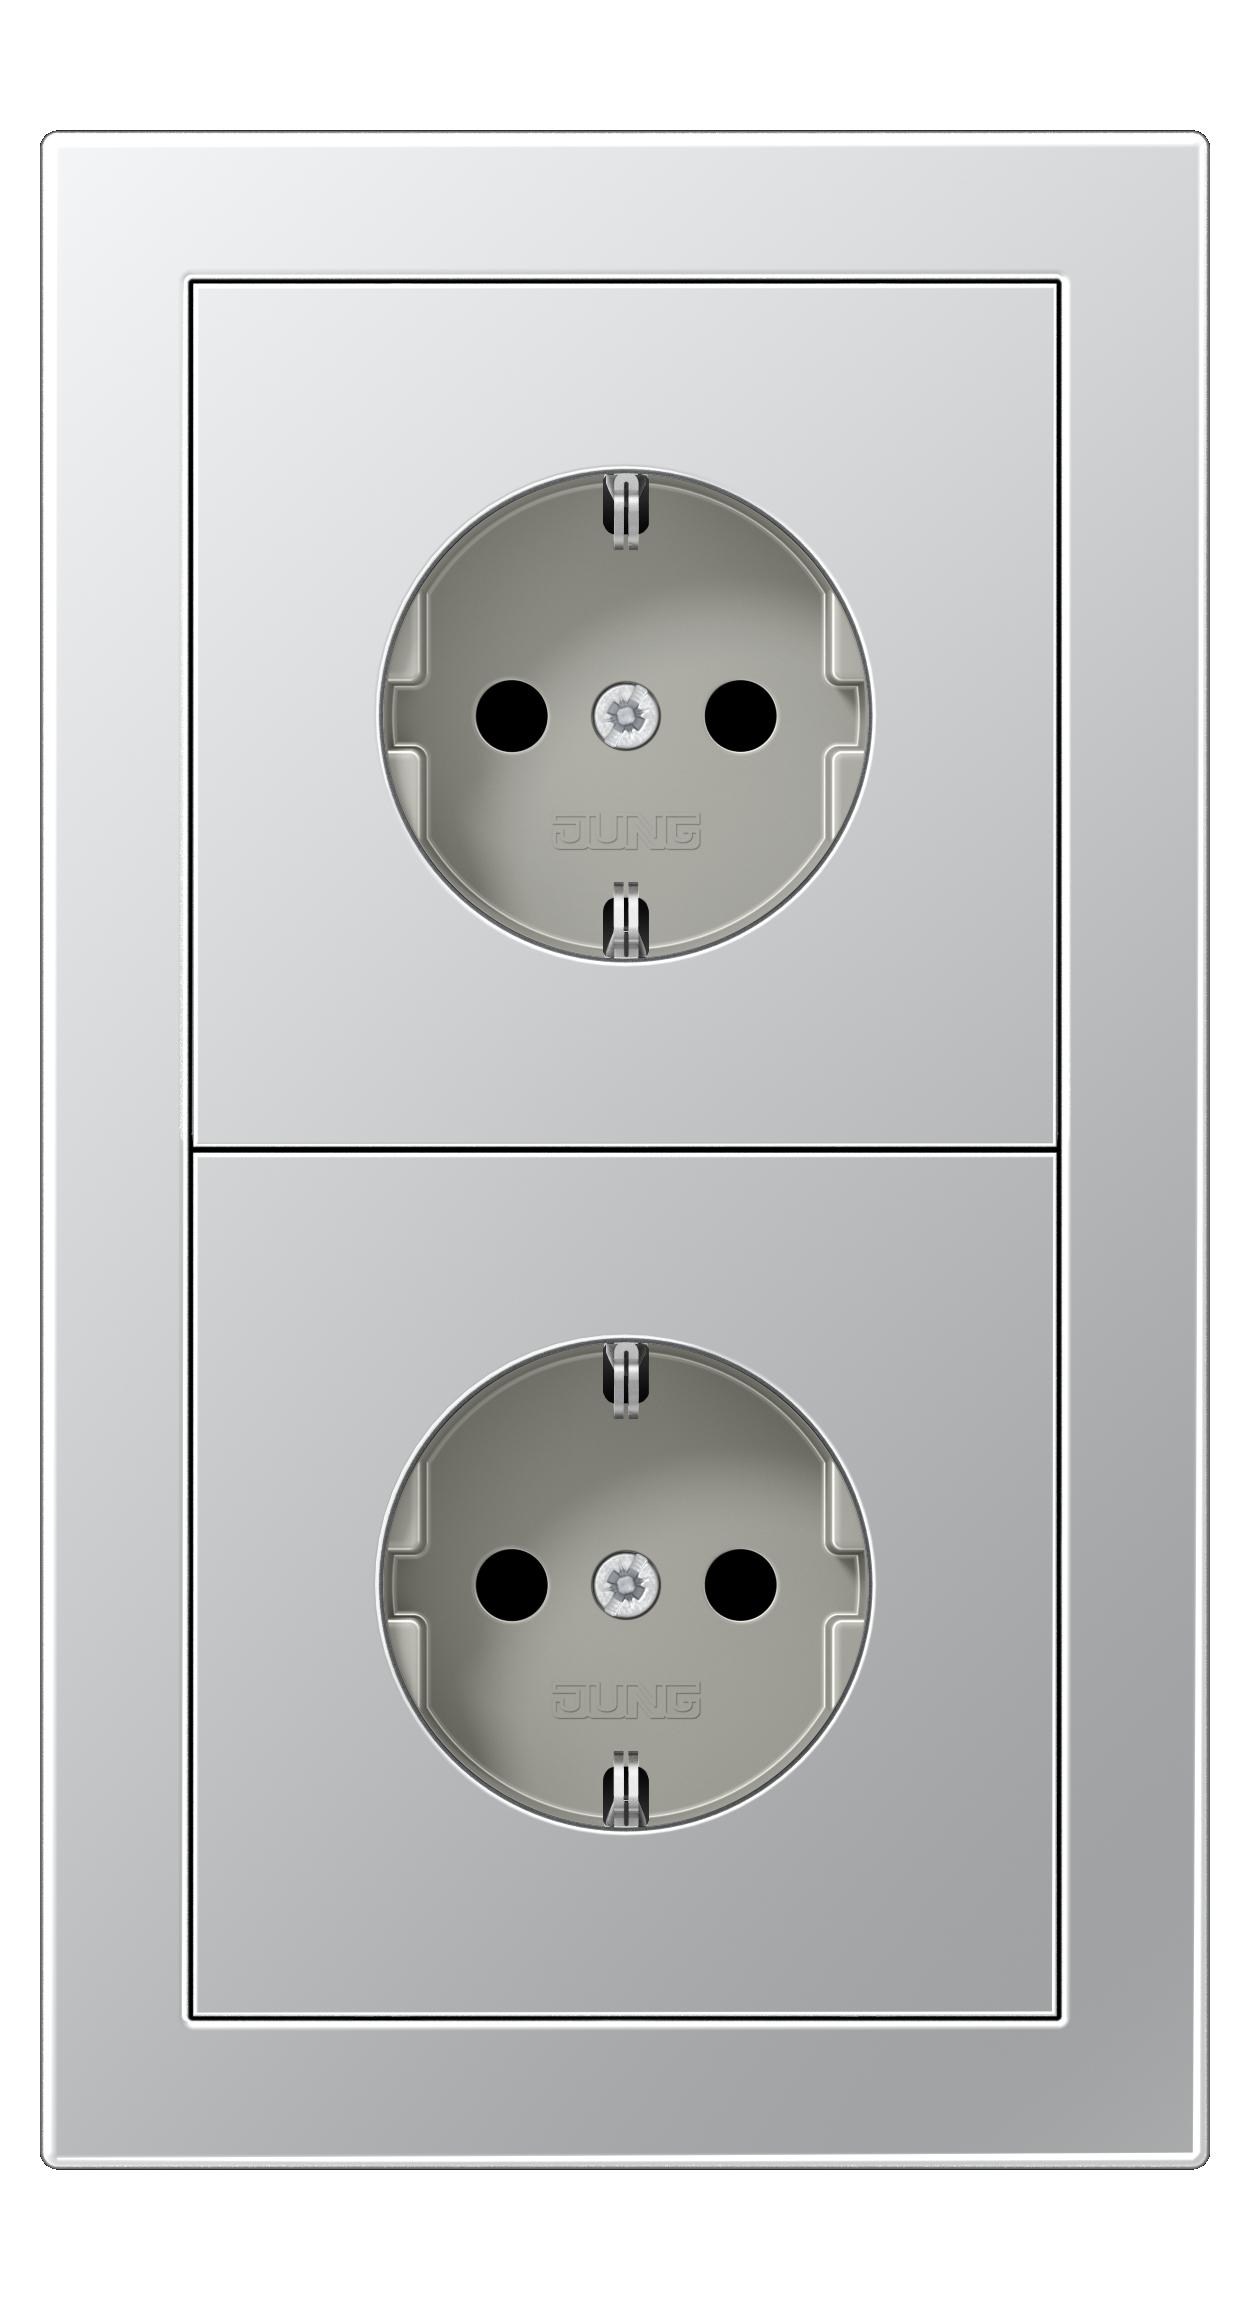 JUNG_LS_Design_aluminium_socket-socket